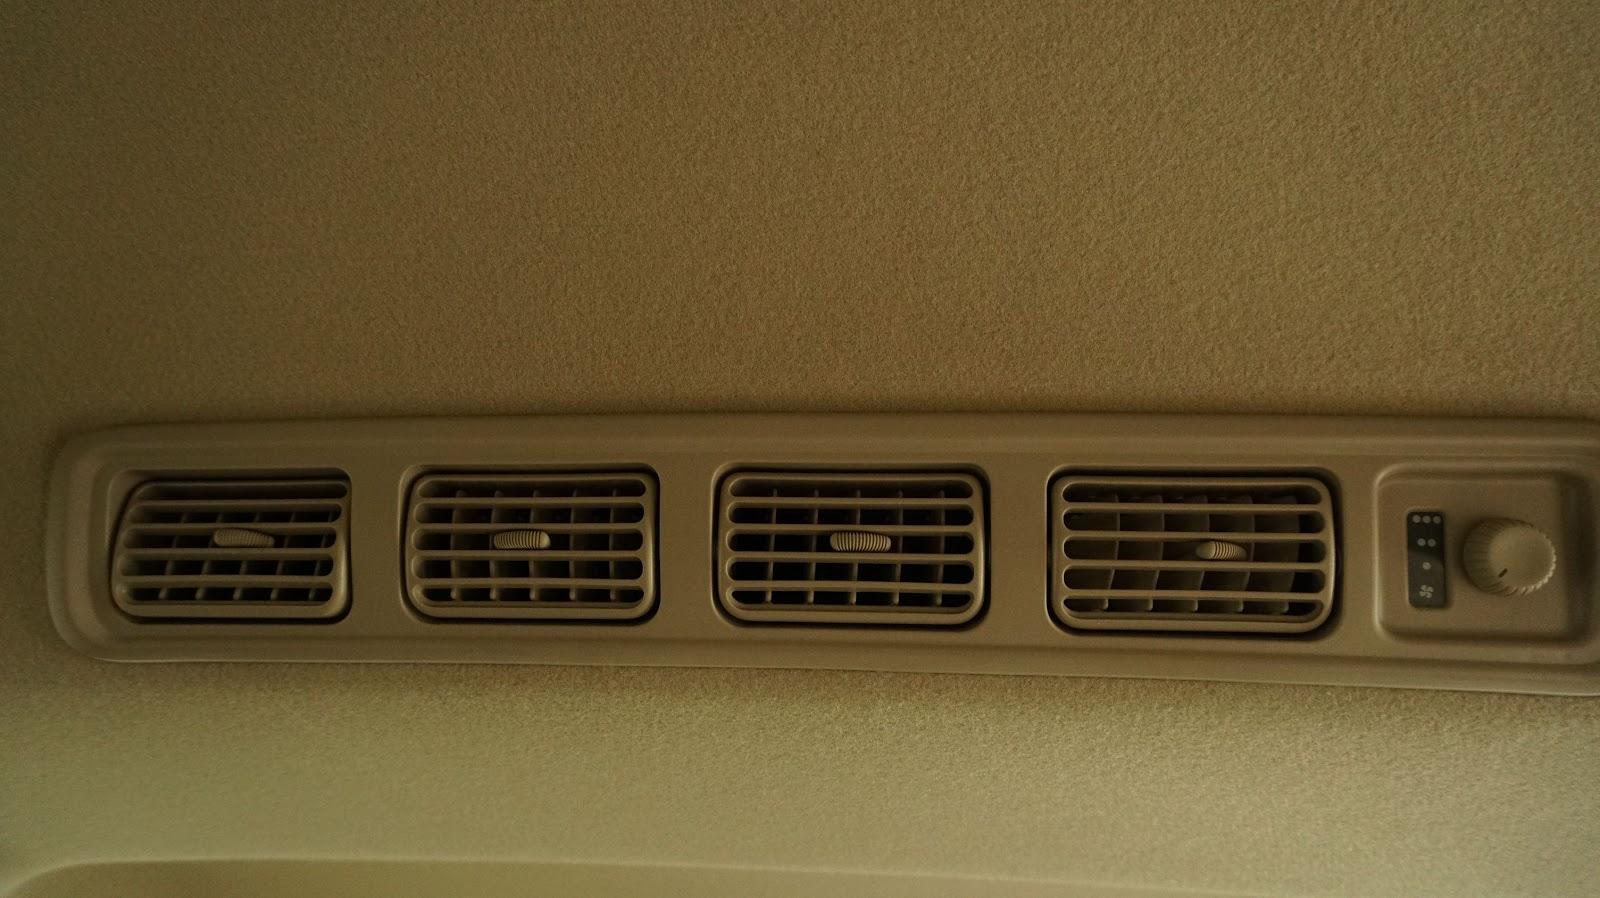 Hệ thống điều hòa công suất lớn đảm bảo xe luôn mát mọi lúc, mọi nơi